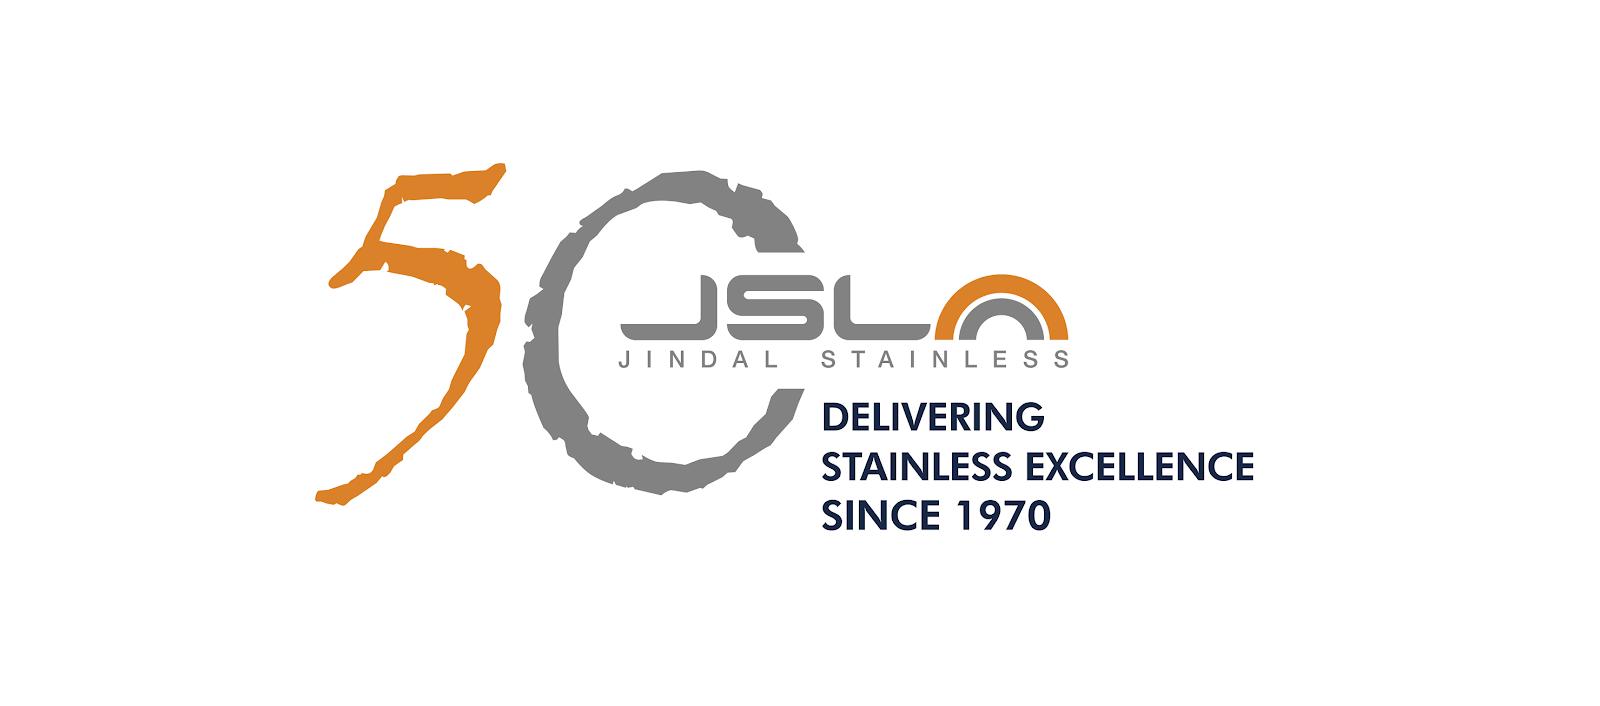 C:\Shashvat Jain_Data\External Communication\Company Logos\50 Years\50 years newlogo_new_1-01.jpg